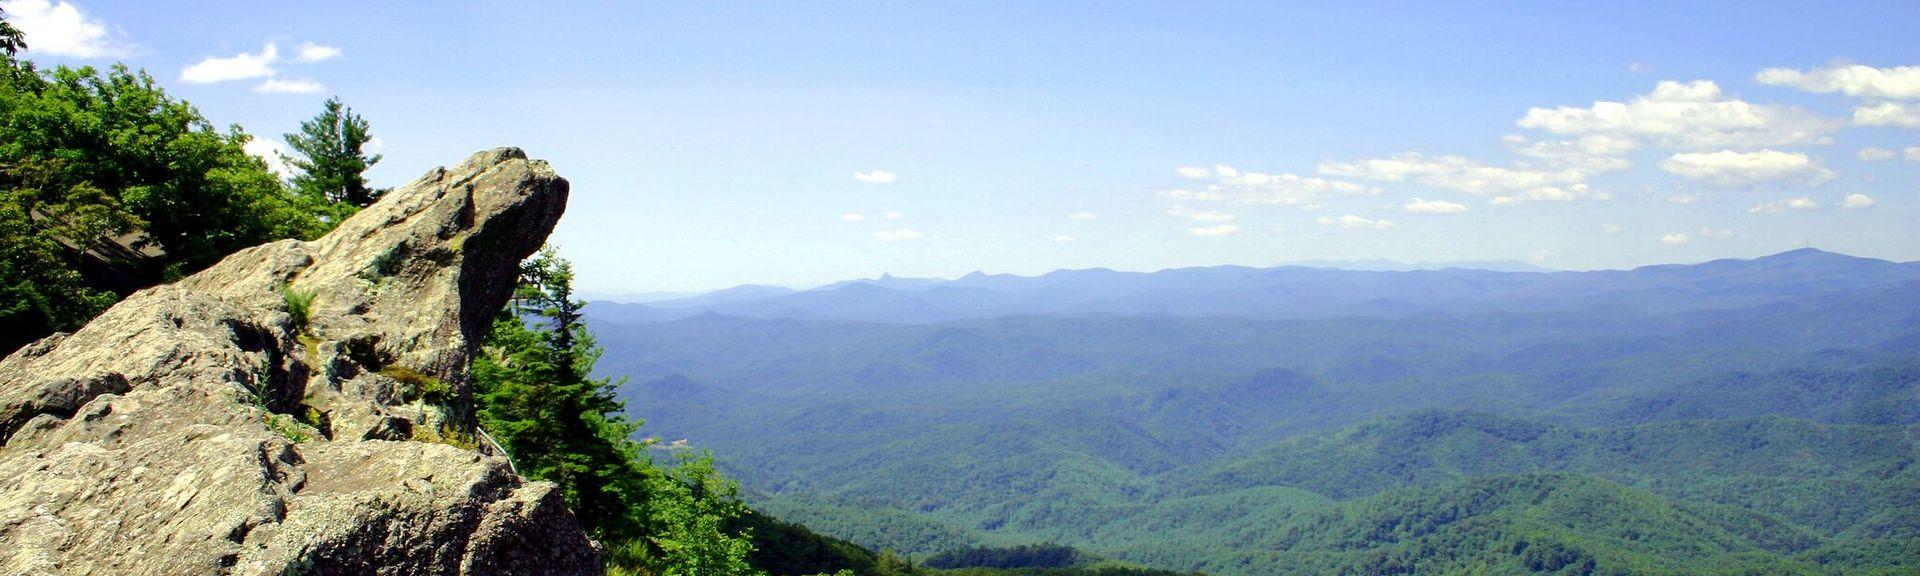 Blowing Rock, Caroline du Nord, États-Unis d'Amérique